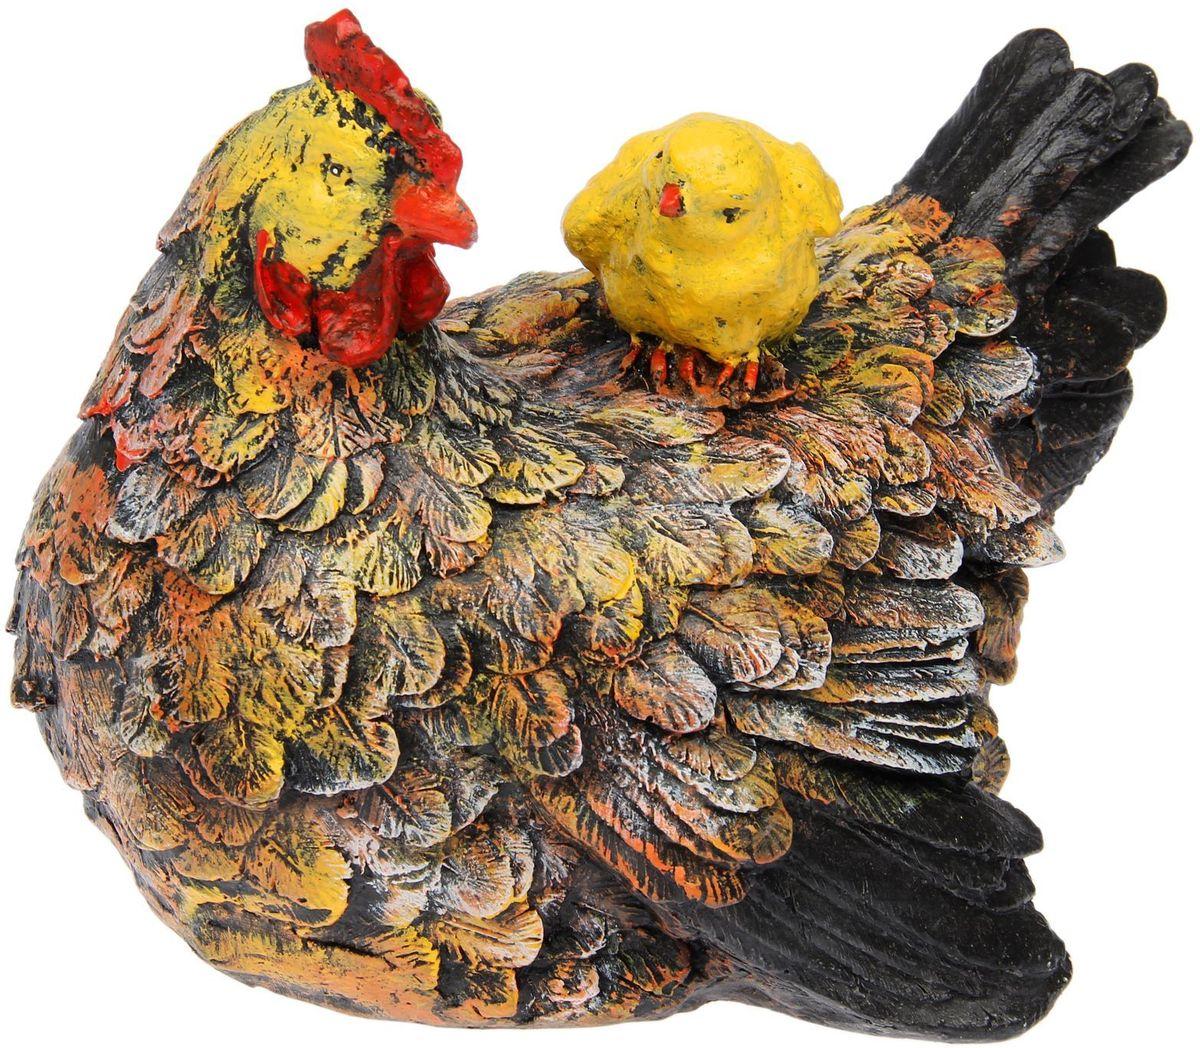 Фигура садовая Premium Gips Курица с цыпленком, 21 х 30 х 23 см1476392Фигура садовая Premium Gips Курица с цыпленком придаст окружающему пространству ощущение широты и живости.Проявите себя в роли ландшафтного дизайнера. Расставляйте акценты с помощью садового декора: например, чтобы привлечь внимание к клумбе, поставьте фигуру рядом с ней.